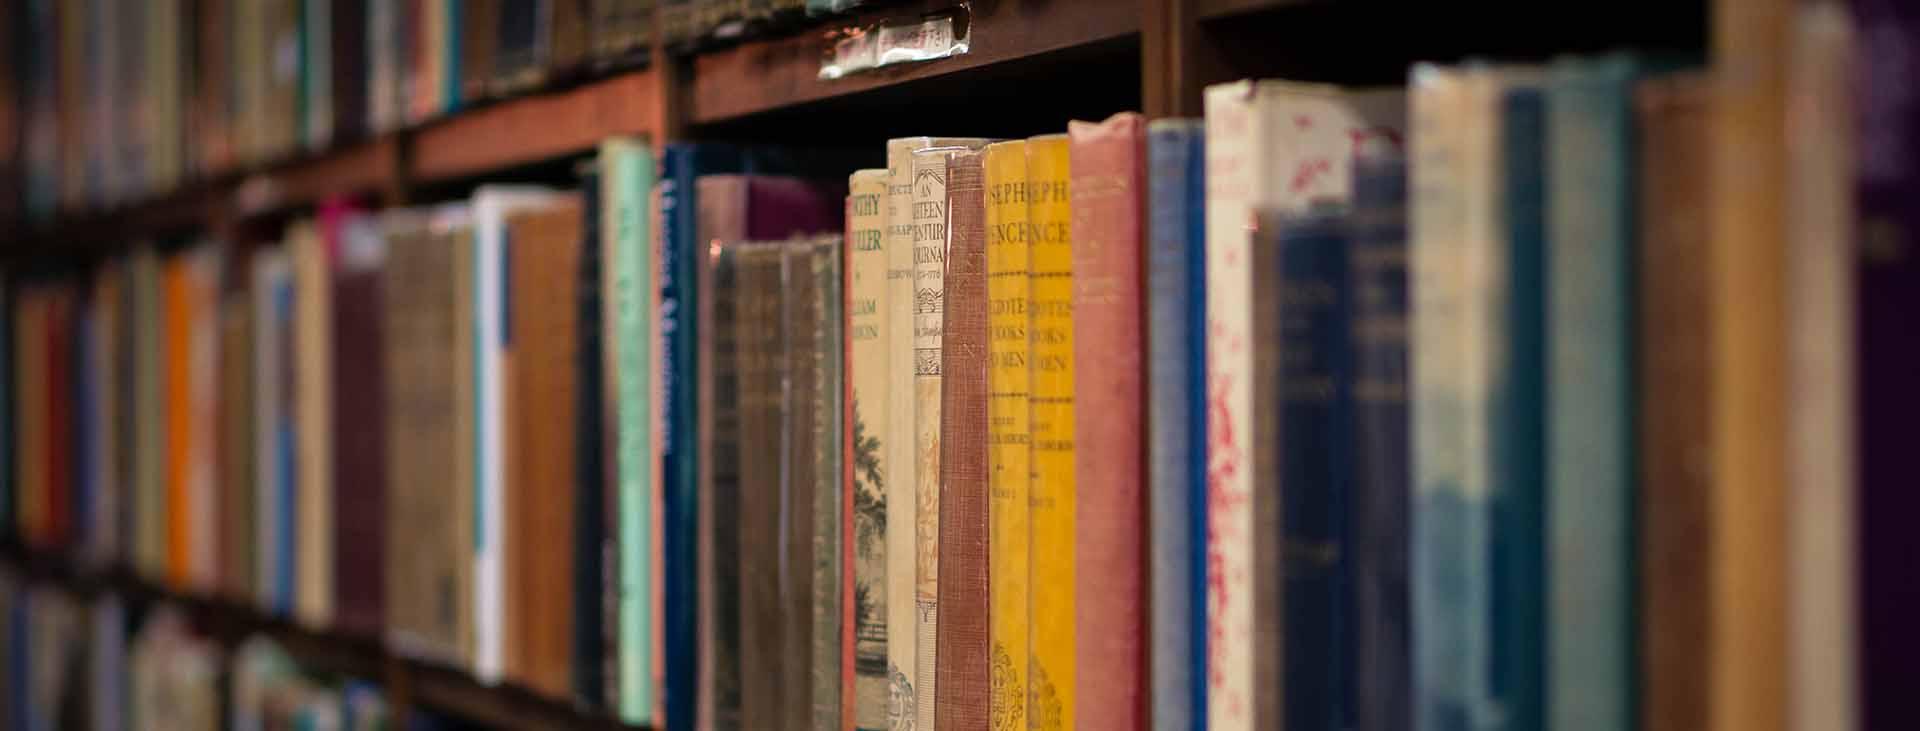 boeken in een boekenkast